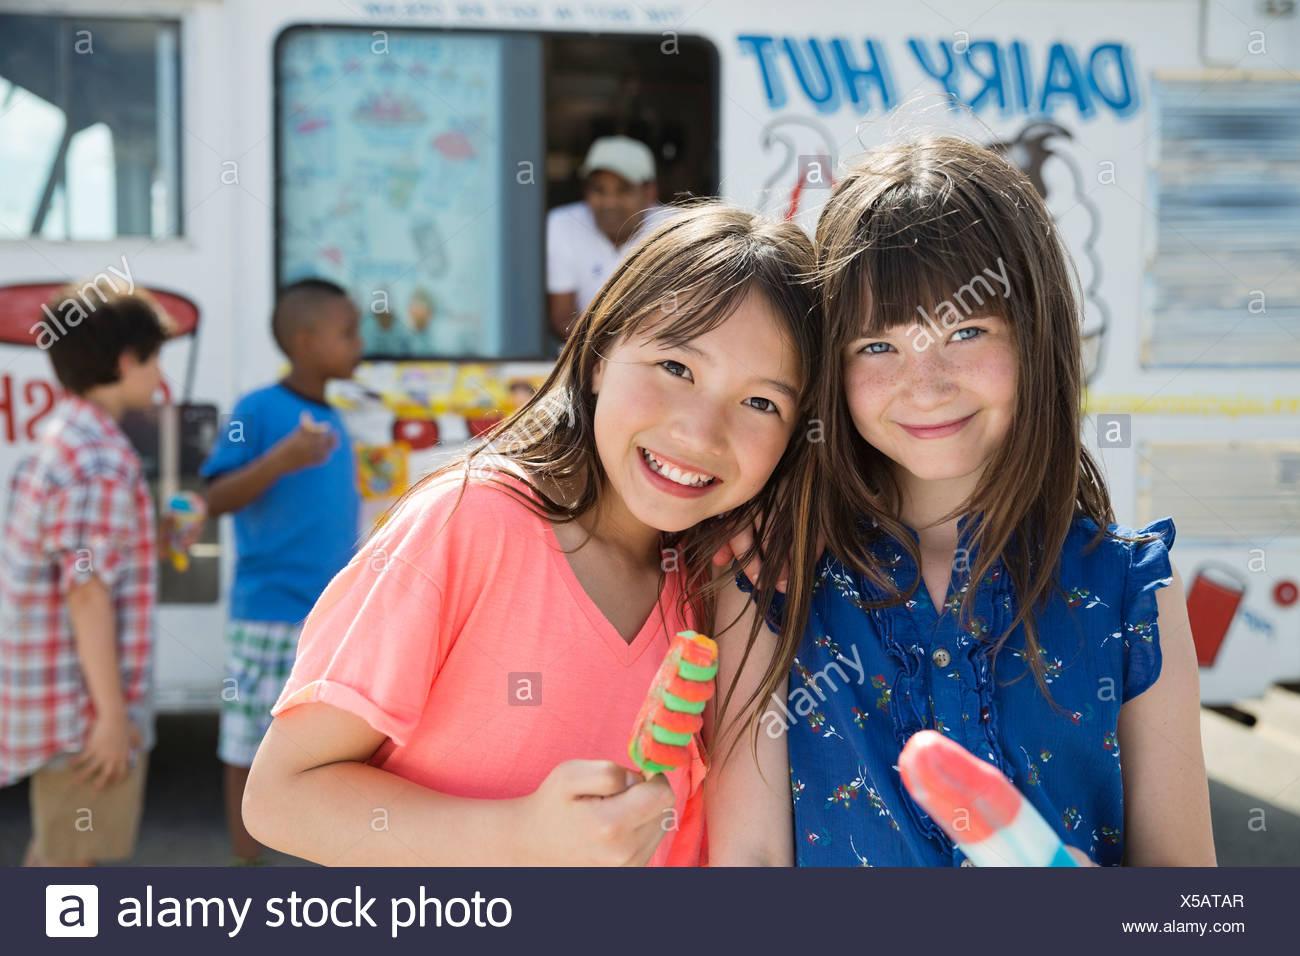 Ritratto di cute ragazze holding popsicles Immagini Stock